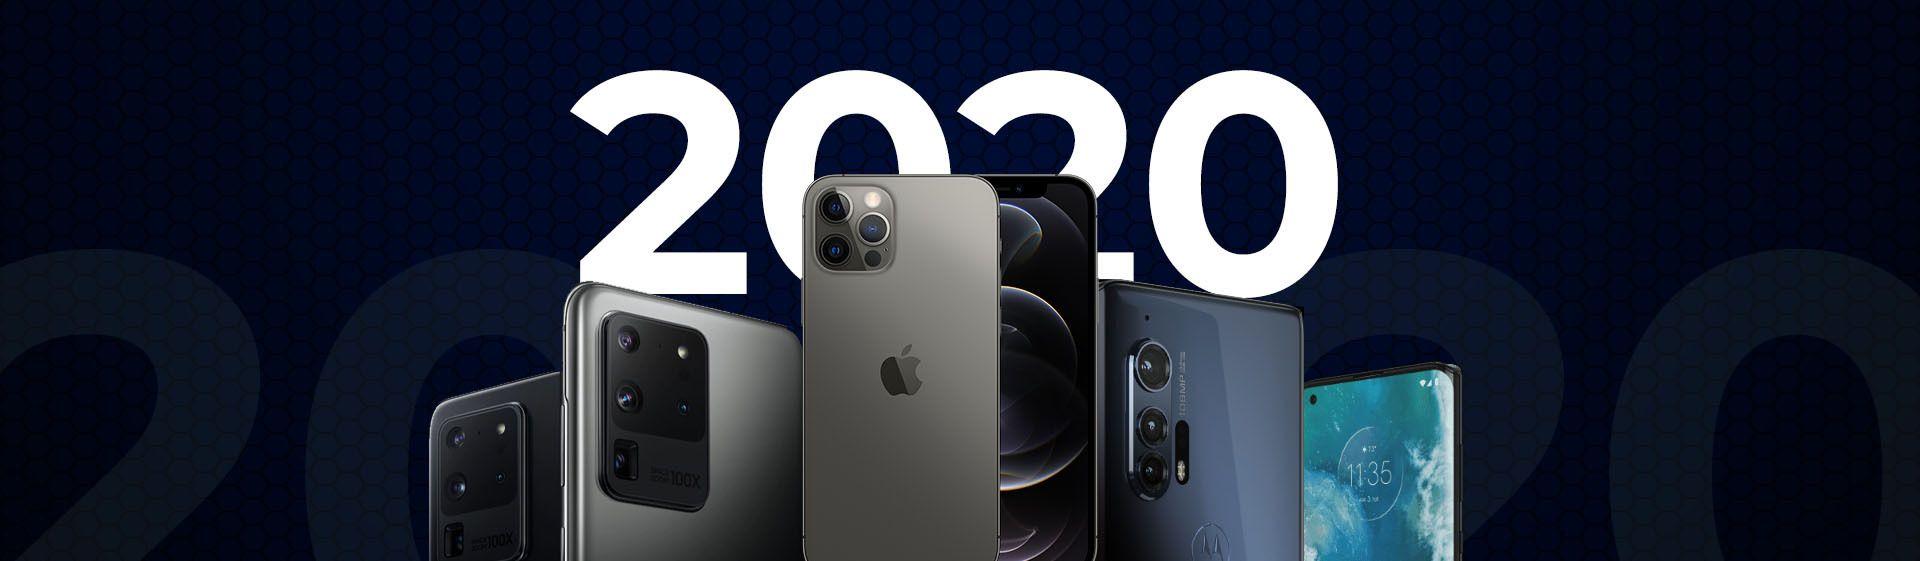 Retrospectiva 2020: confira os principais lançamentos de celulares